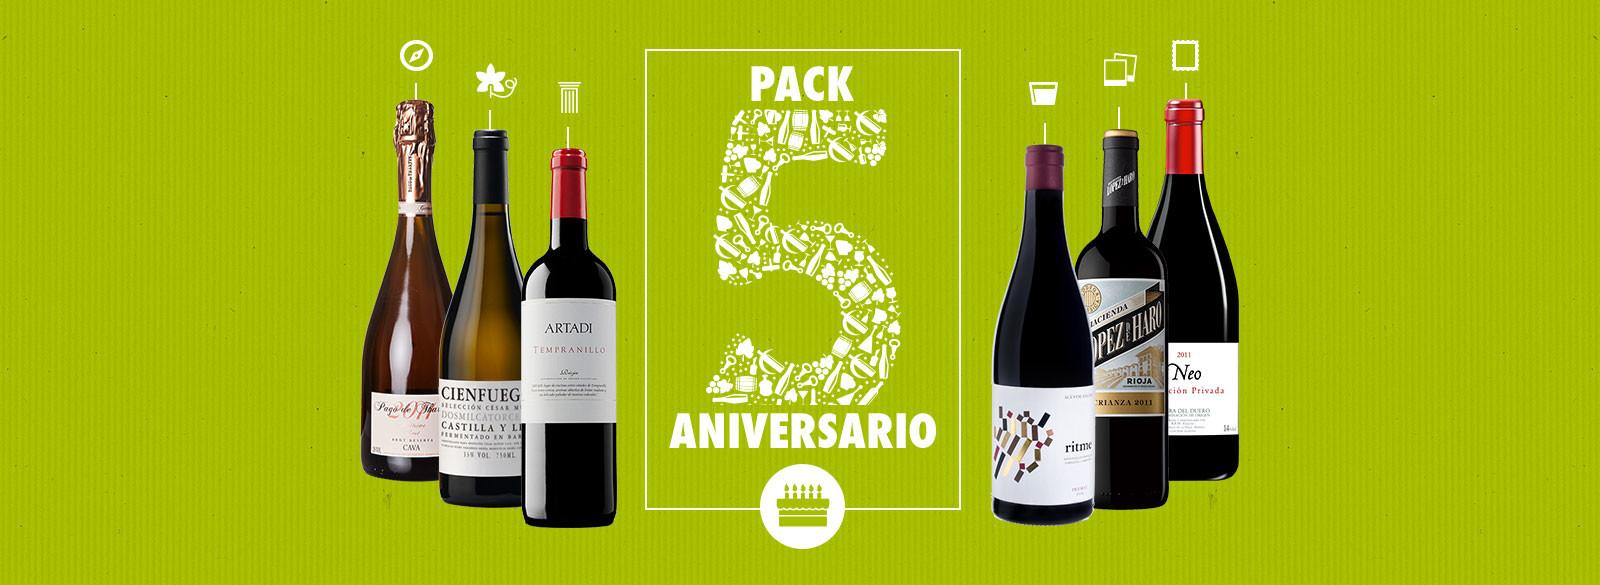 Los vinos del 5 aniversario